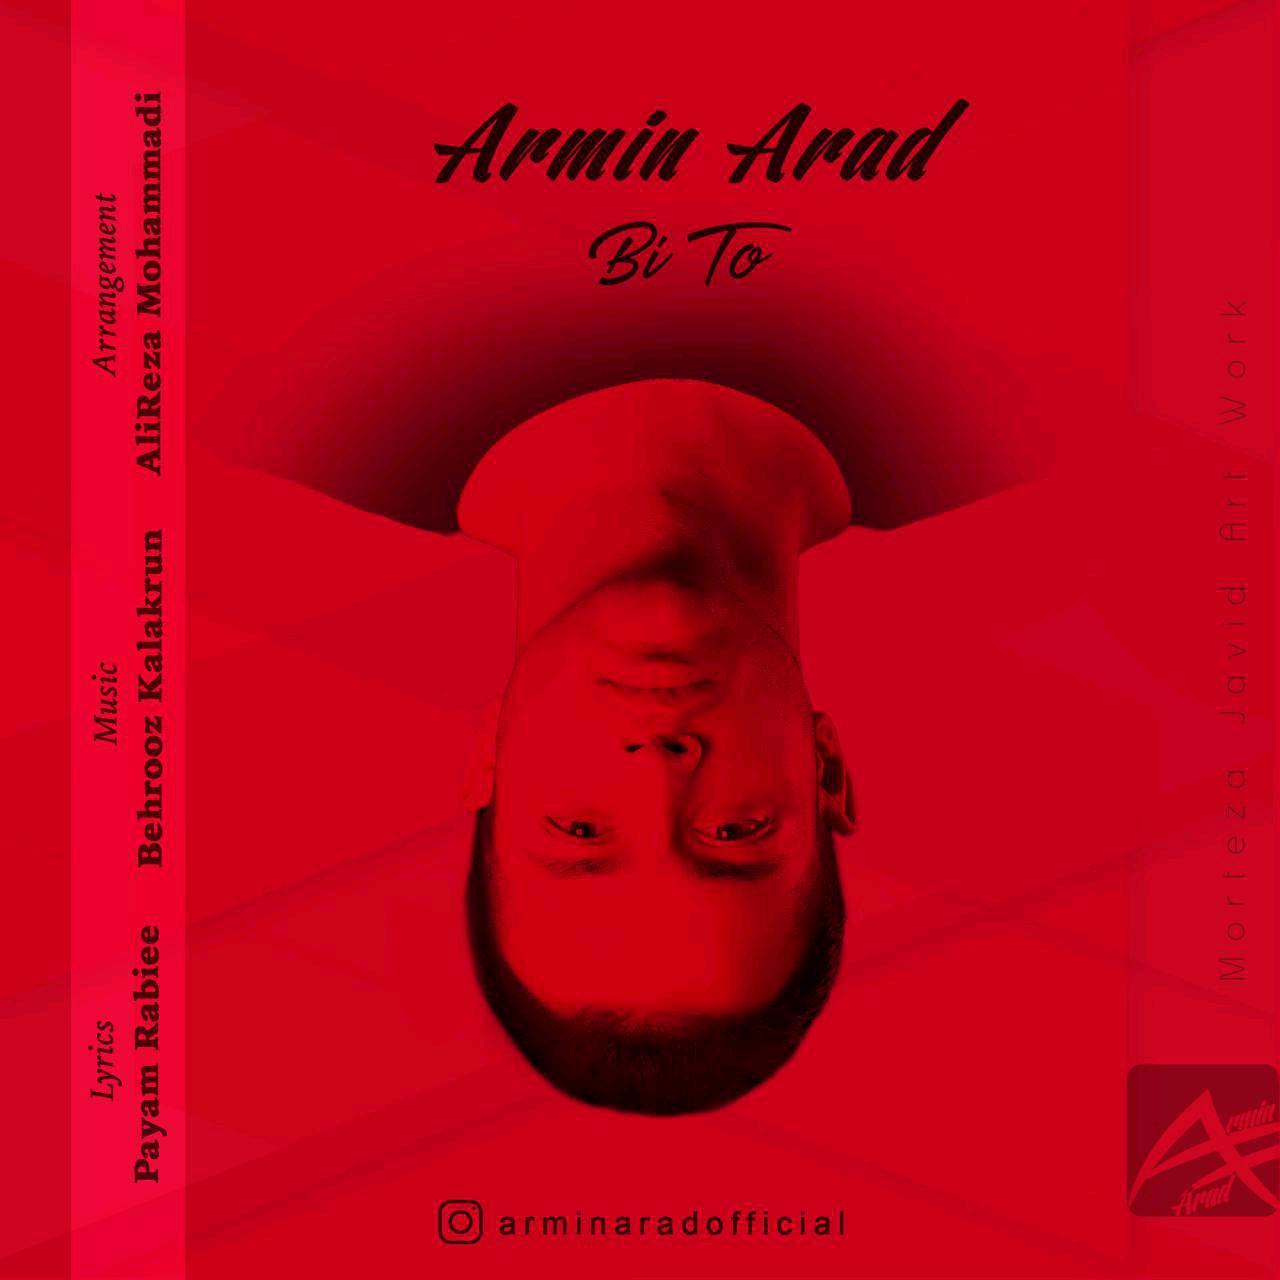 آرمین آراد به نام بی تو